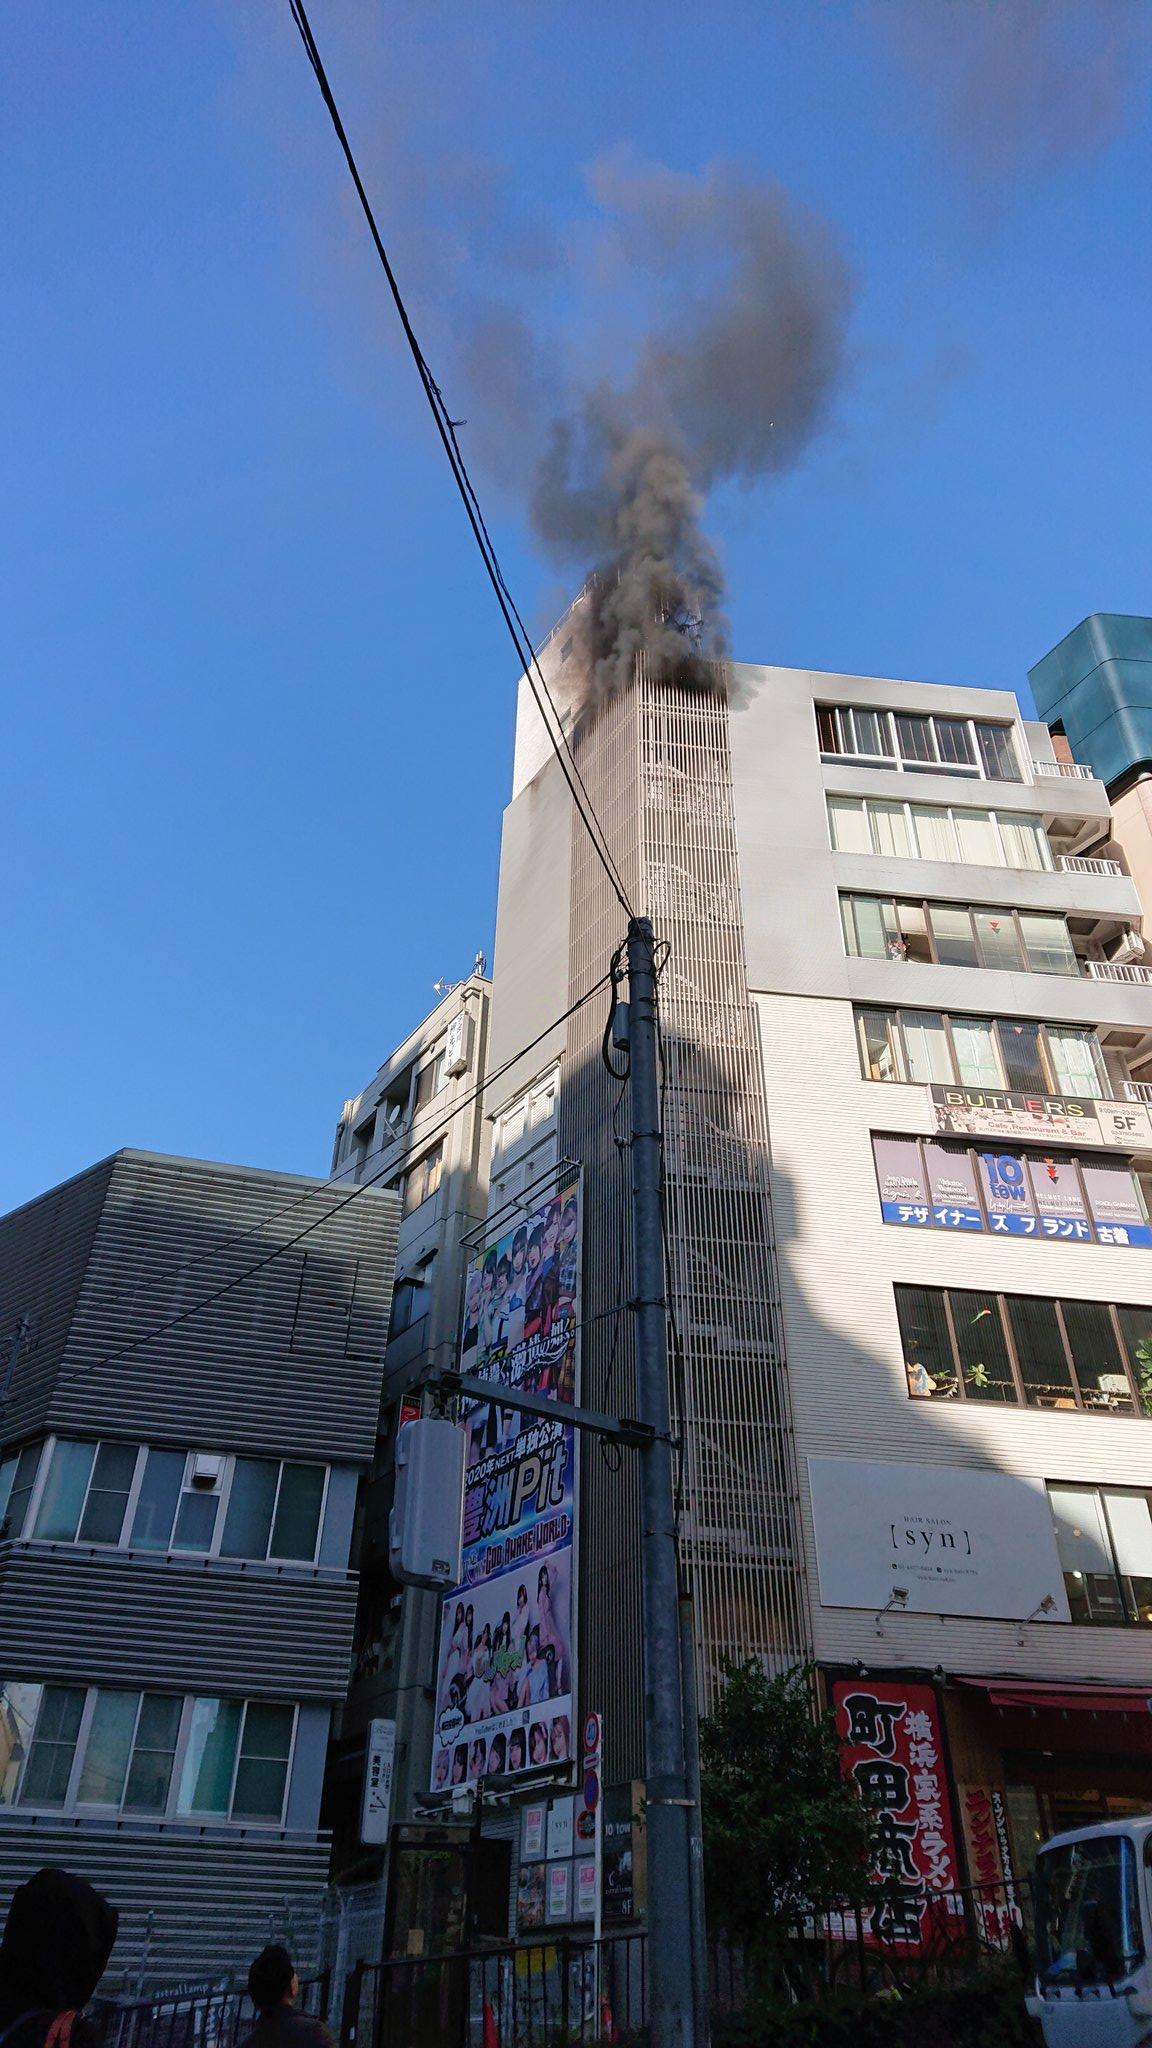 渋谷区宇田川町のビルで火事が起きている現場画像